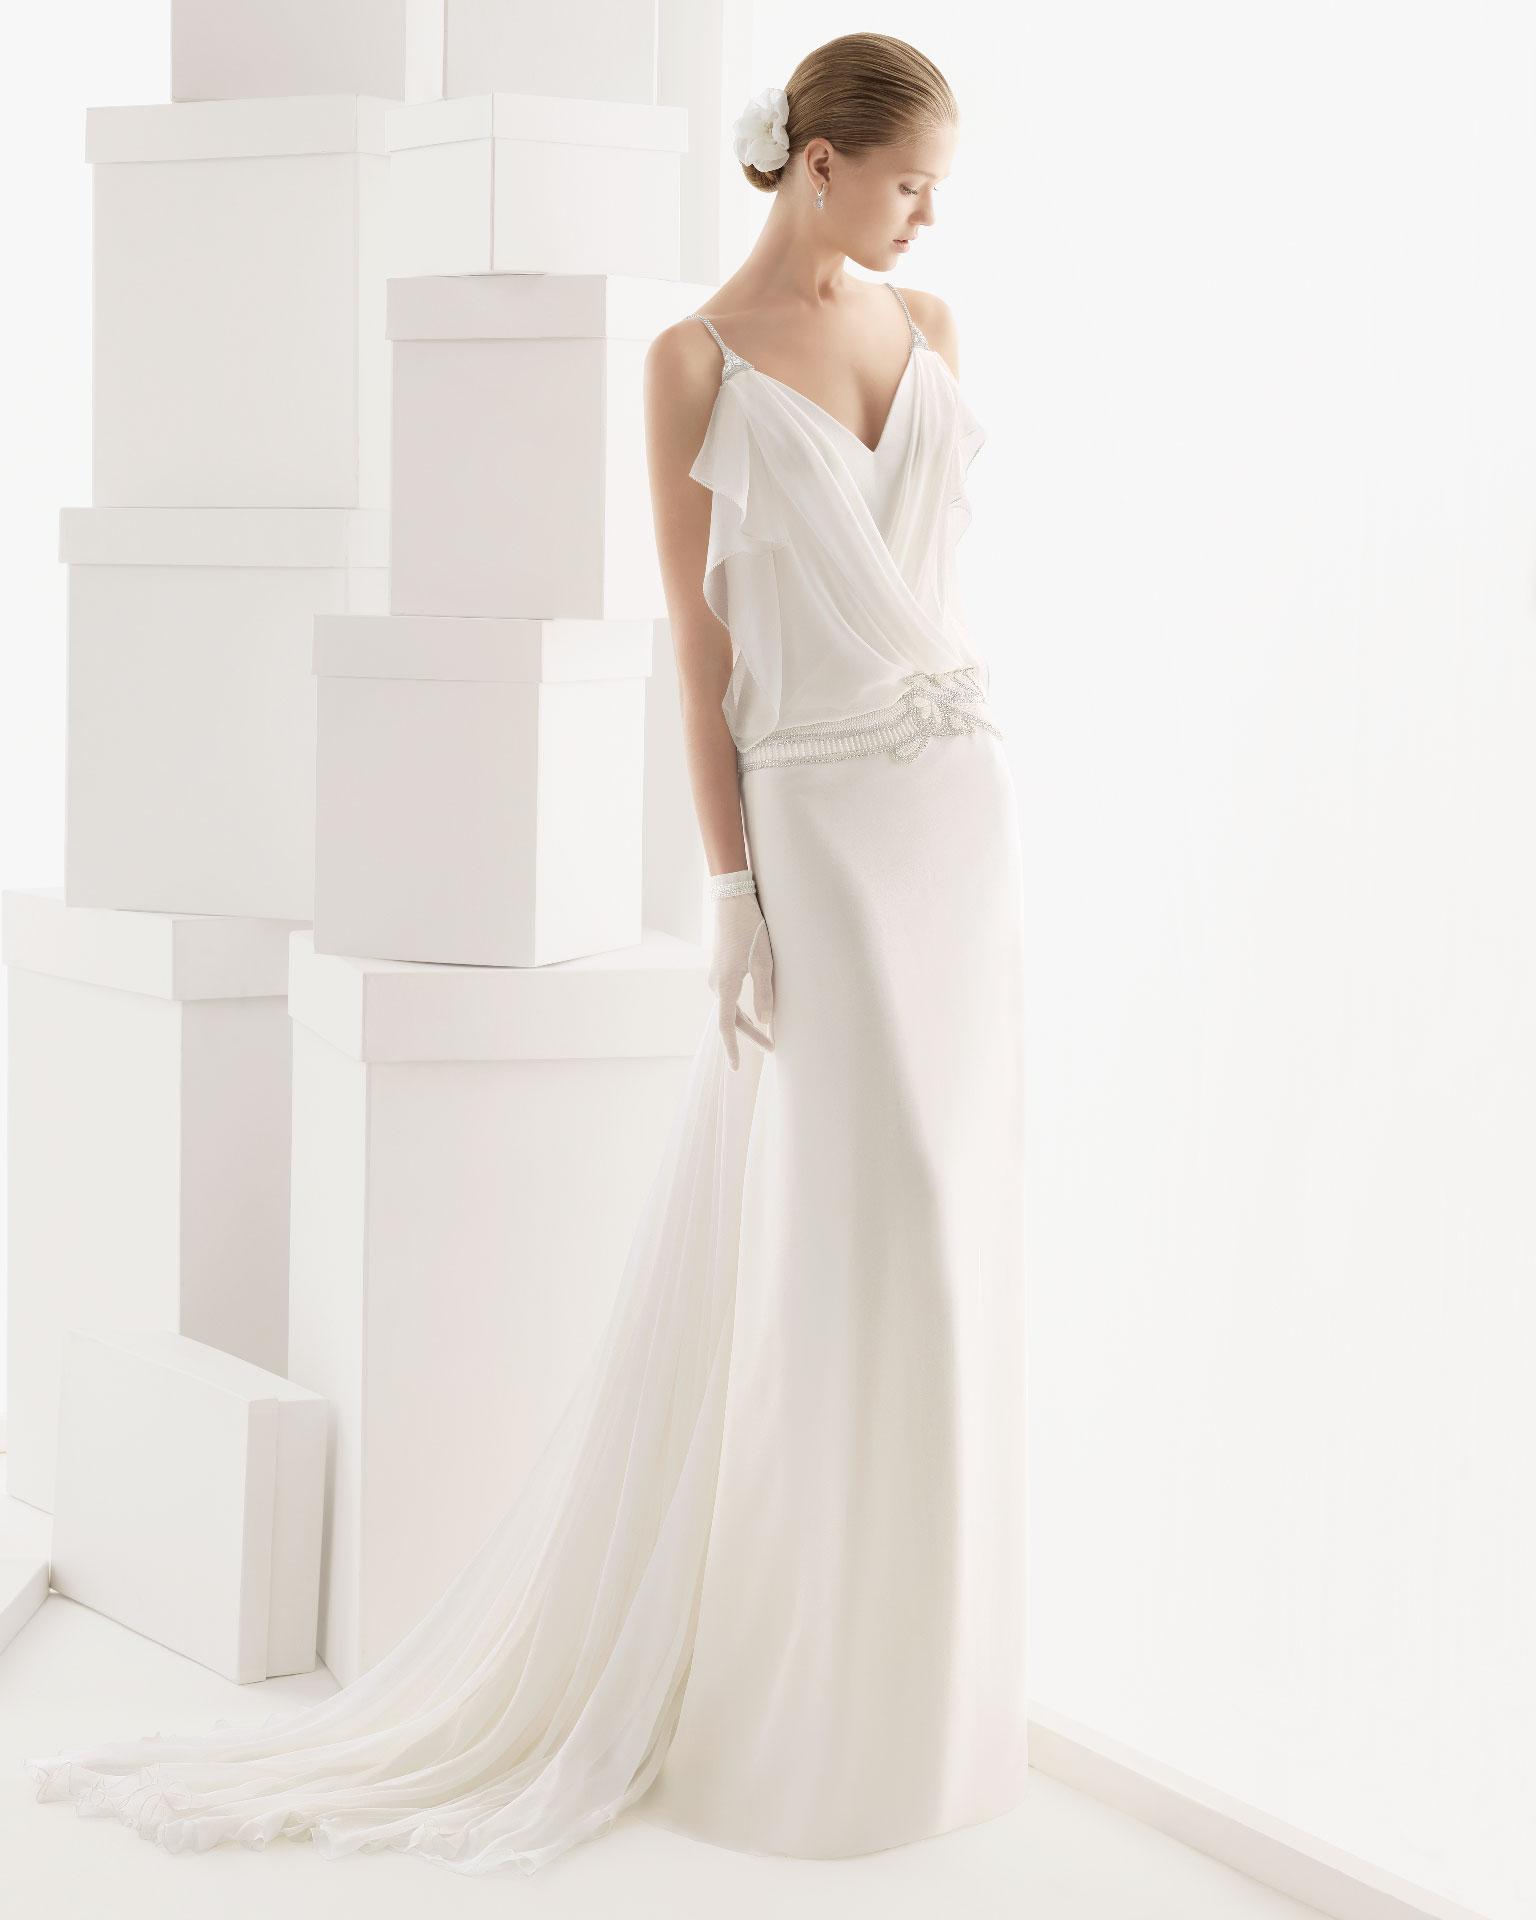 Tiendas vestidos de boda mallorca